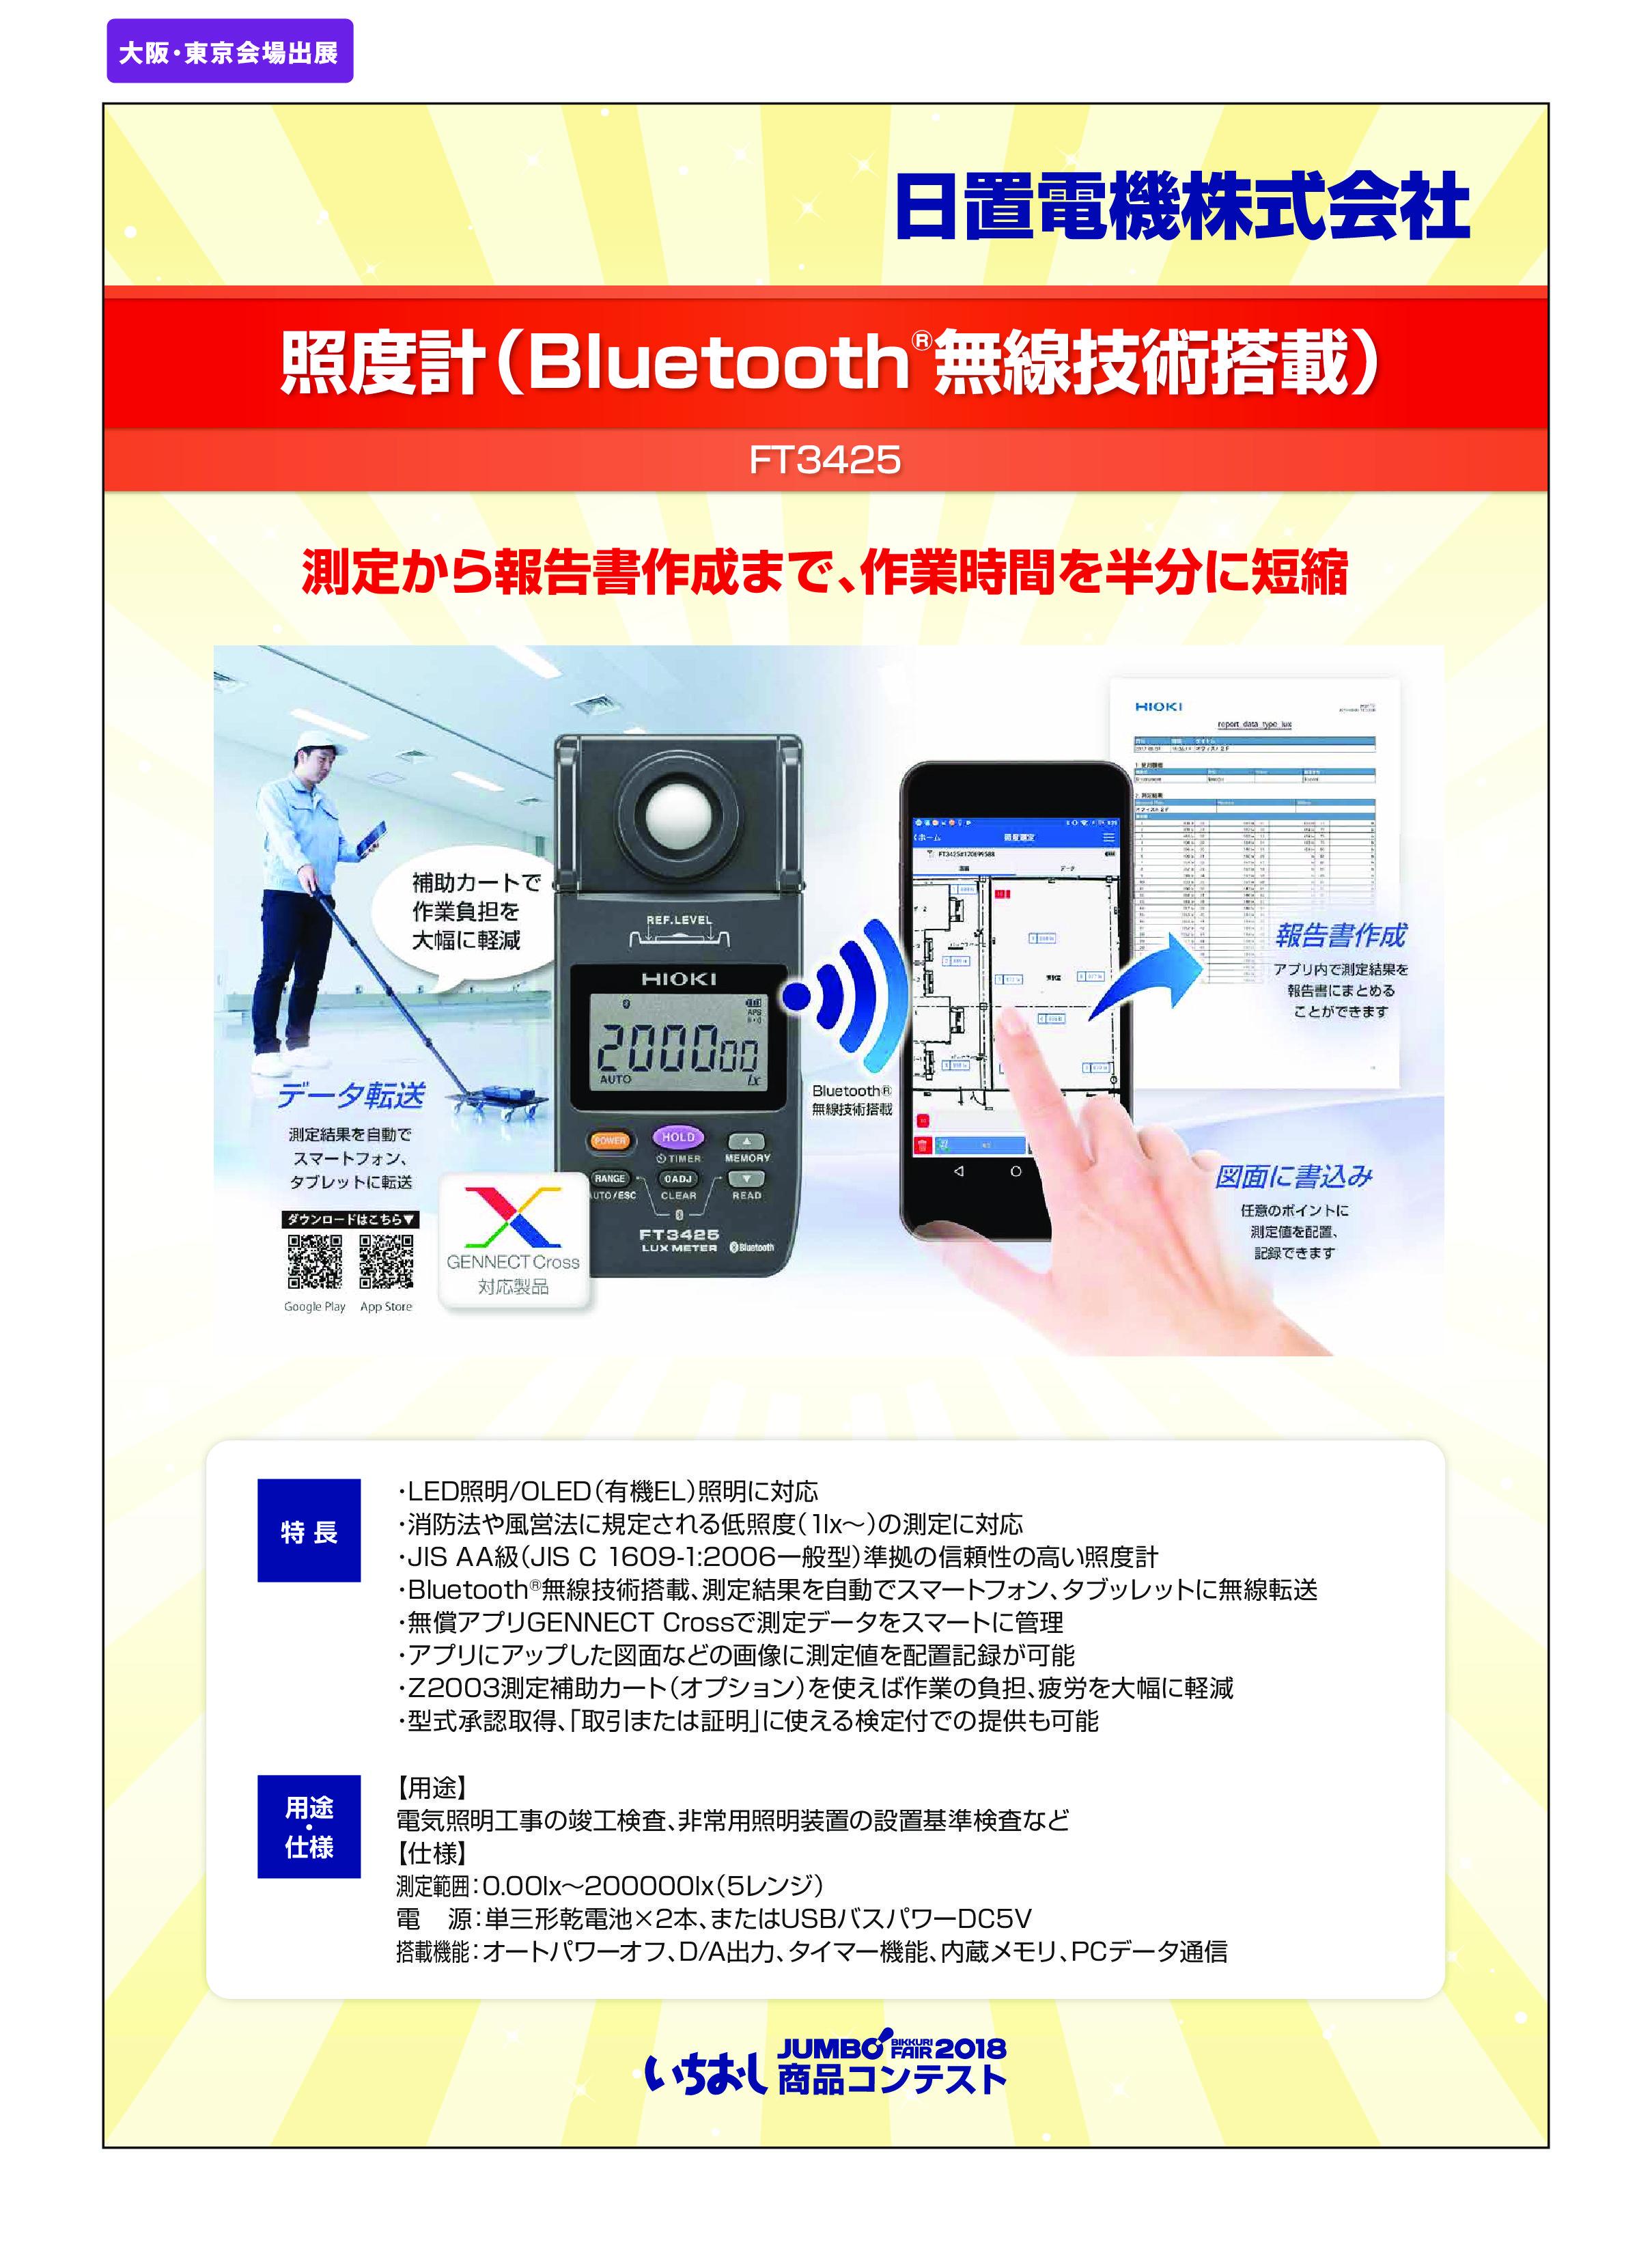 「照度計(Bluetooth®無線技術搭載)」日置電機株式会社の画像